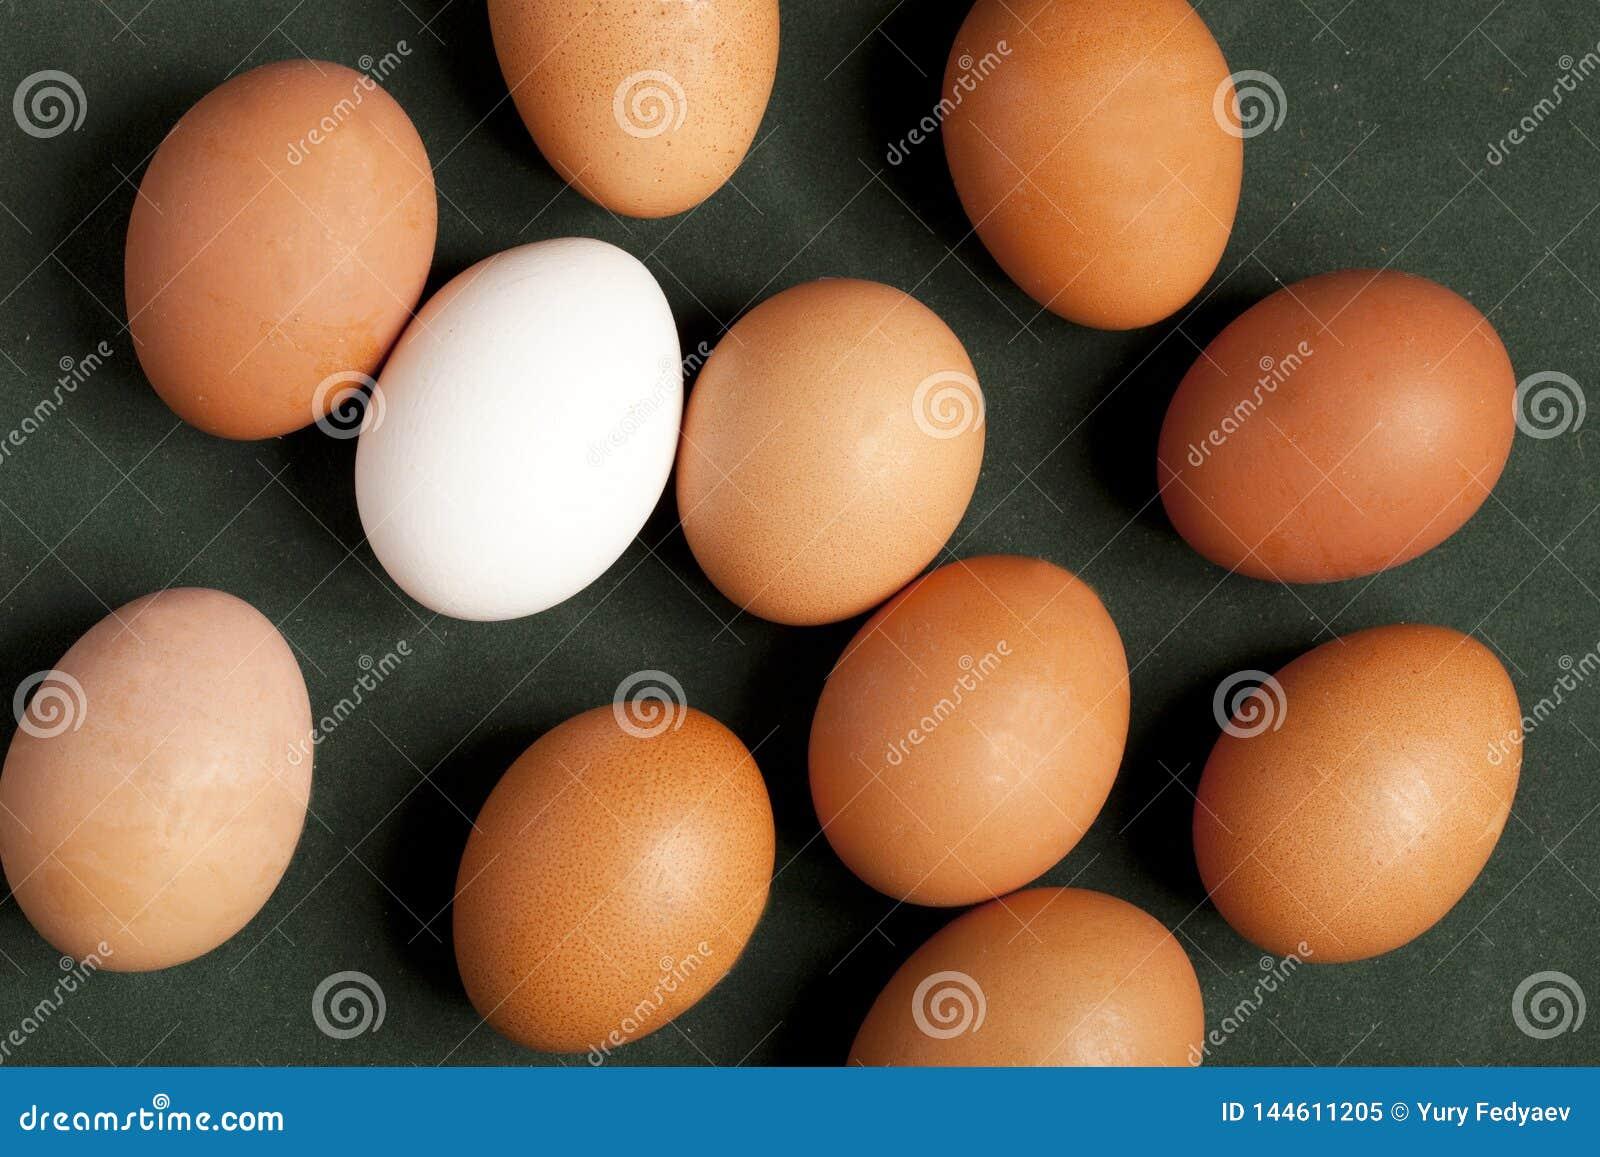 Großaufnahme von rohen Hühnereien im Kasten, Eiweiß, Eibraun auf grünem Hintergrund